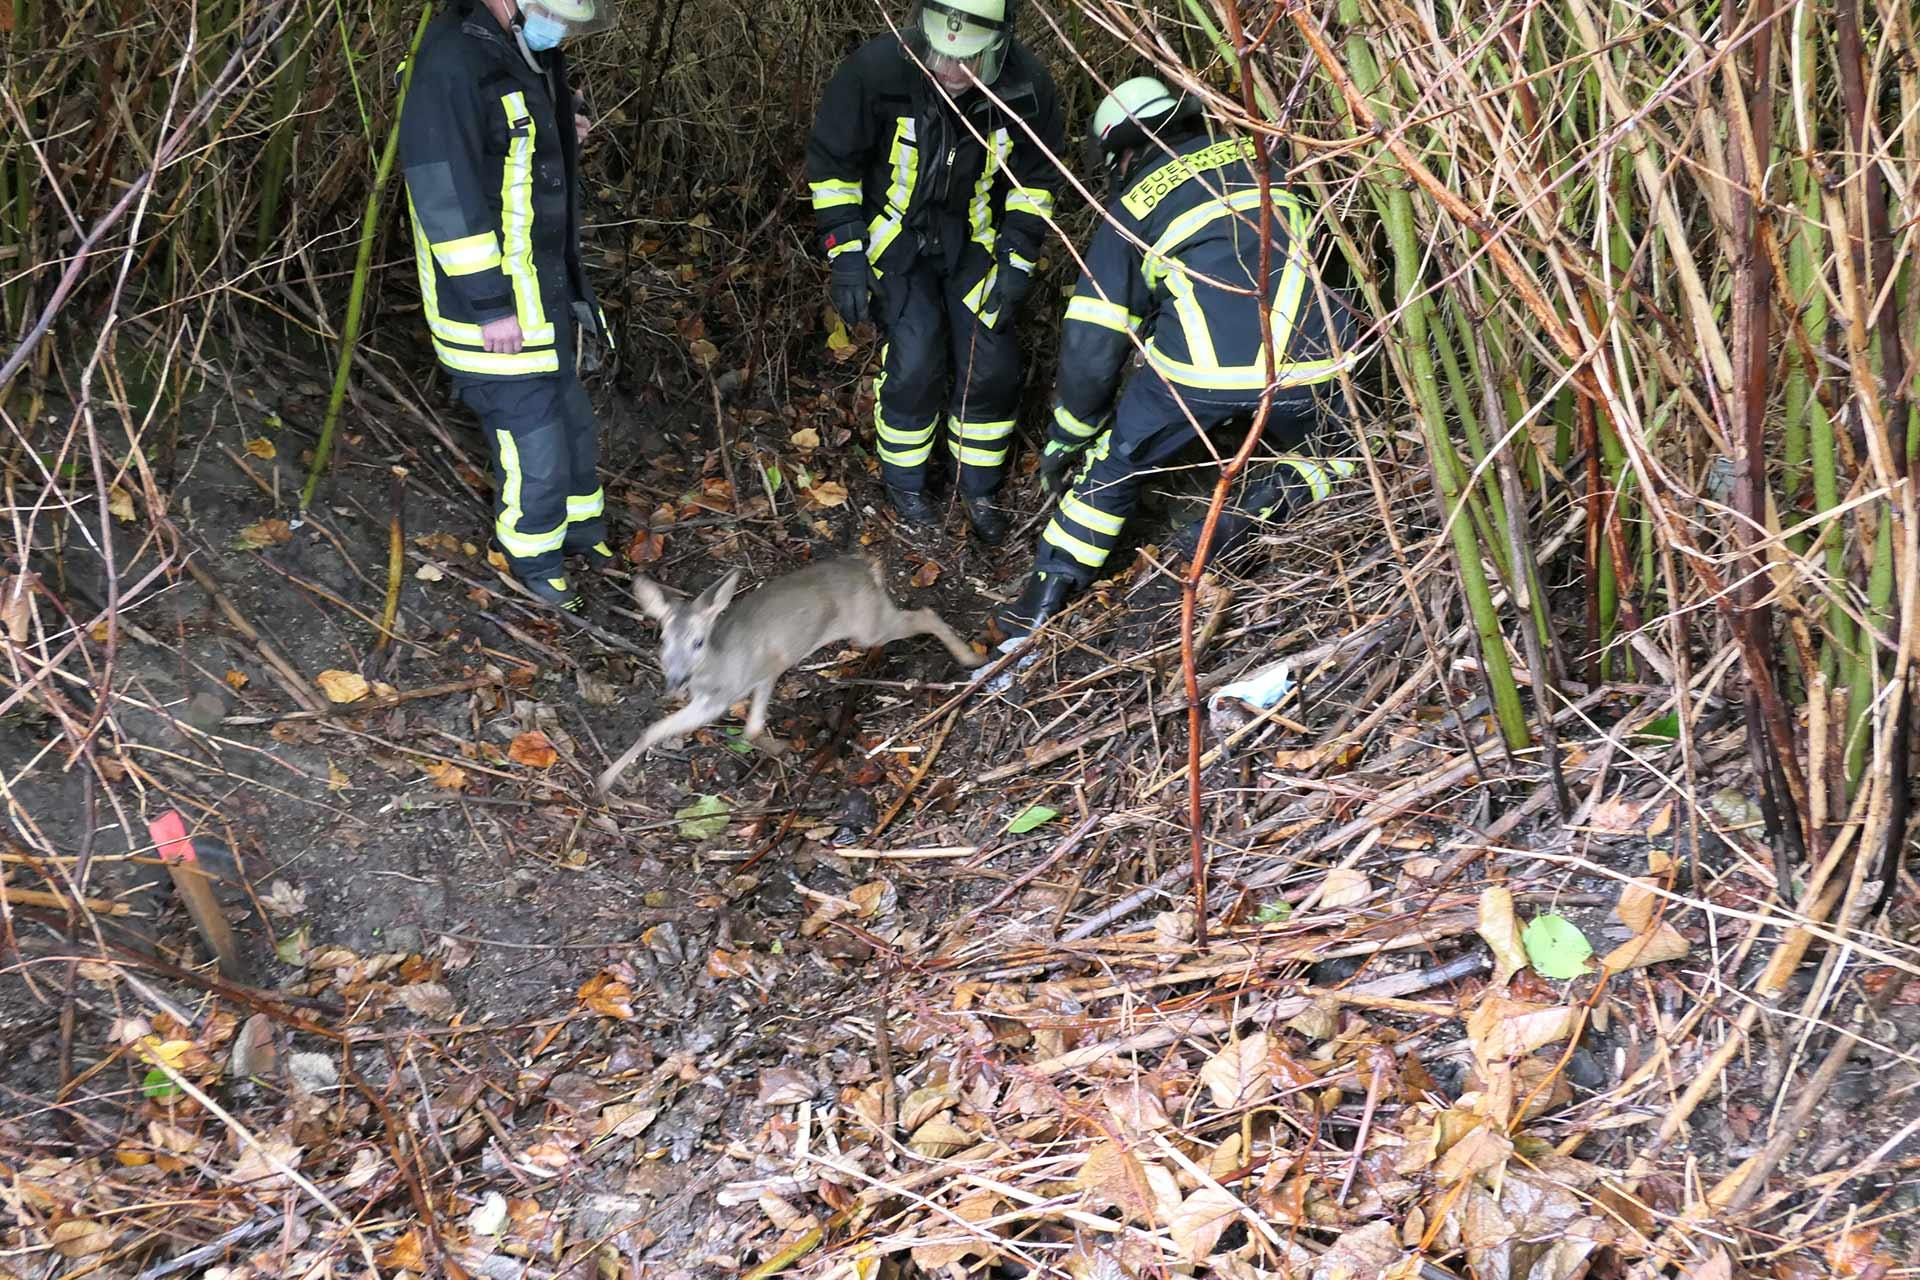 Reh Kanalschacht, Tierrettung – Junges Reh aus Kanalschacht befreit, City-News.de